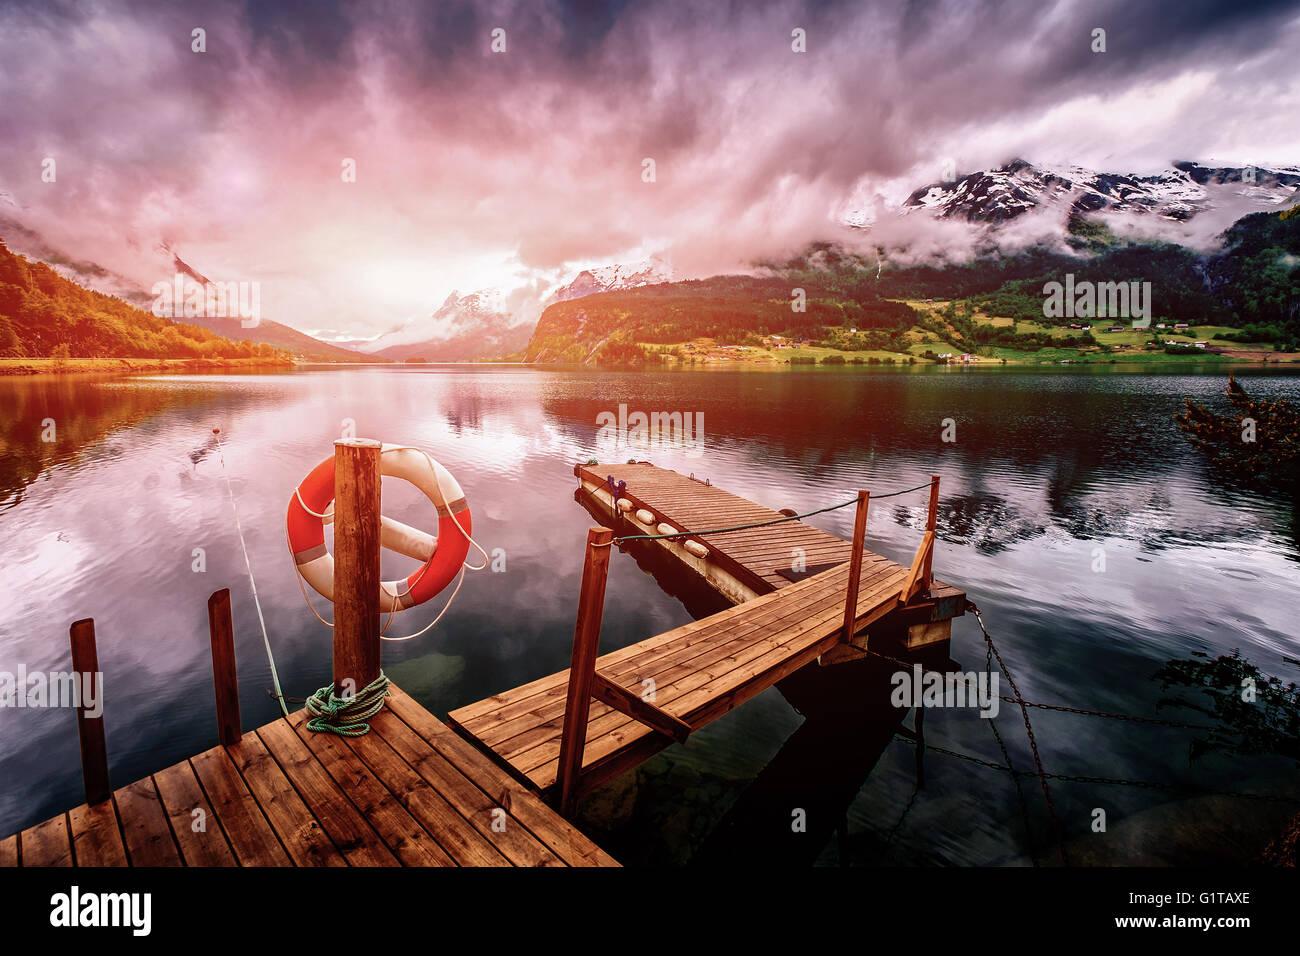 La bellissima natura della Norvegia paesaggio naturale. Filtro applicato in post-produzione. Immagini Stock